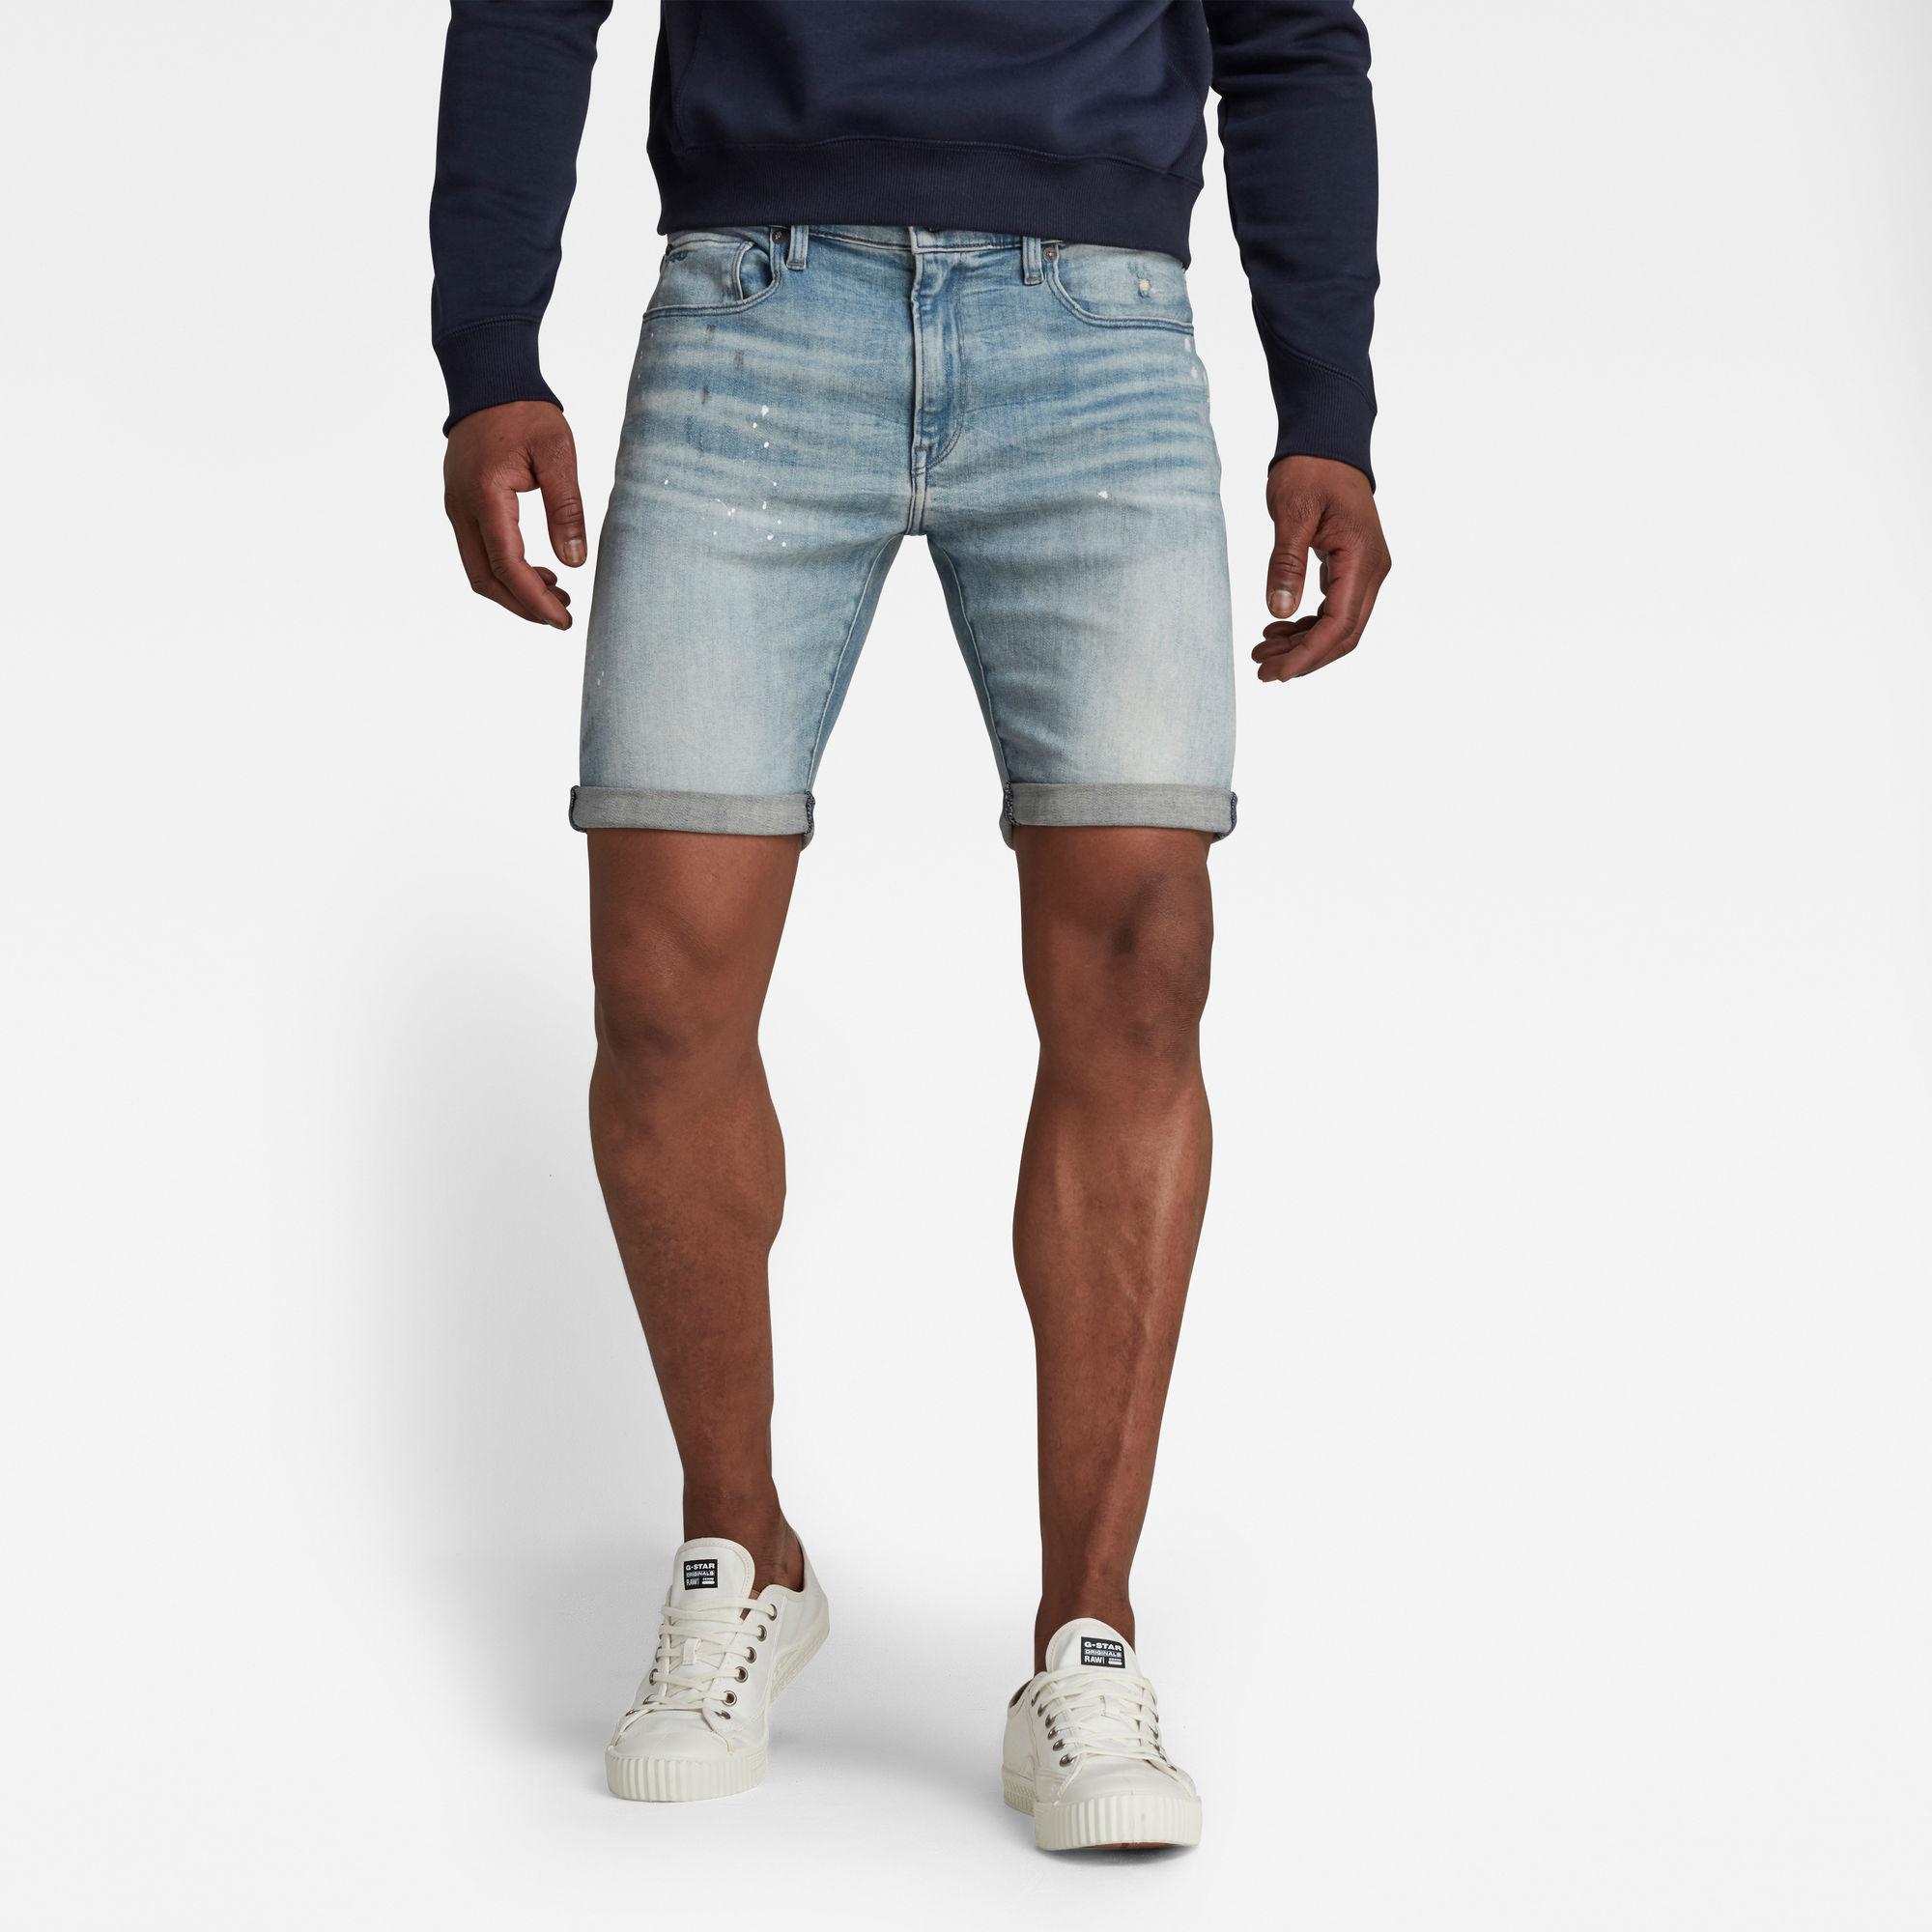 G-Star RAW Heren 3301 Denim Slim Shorts Lichtblauw